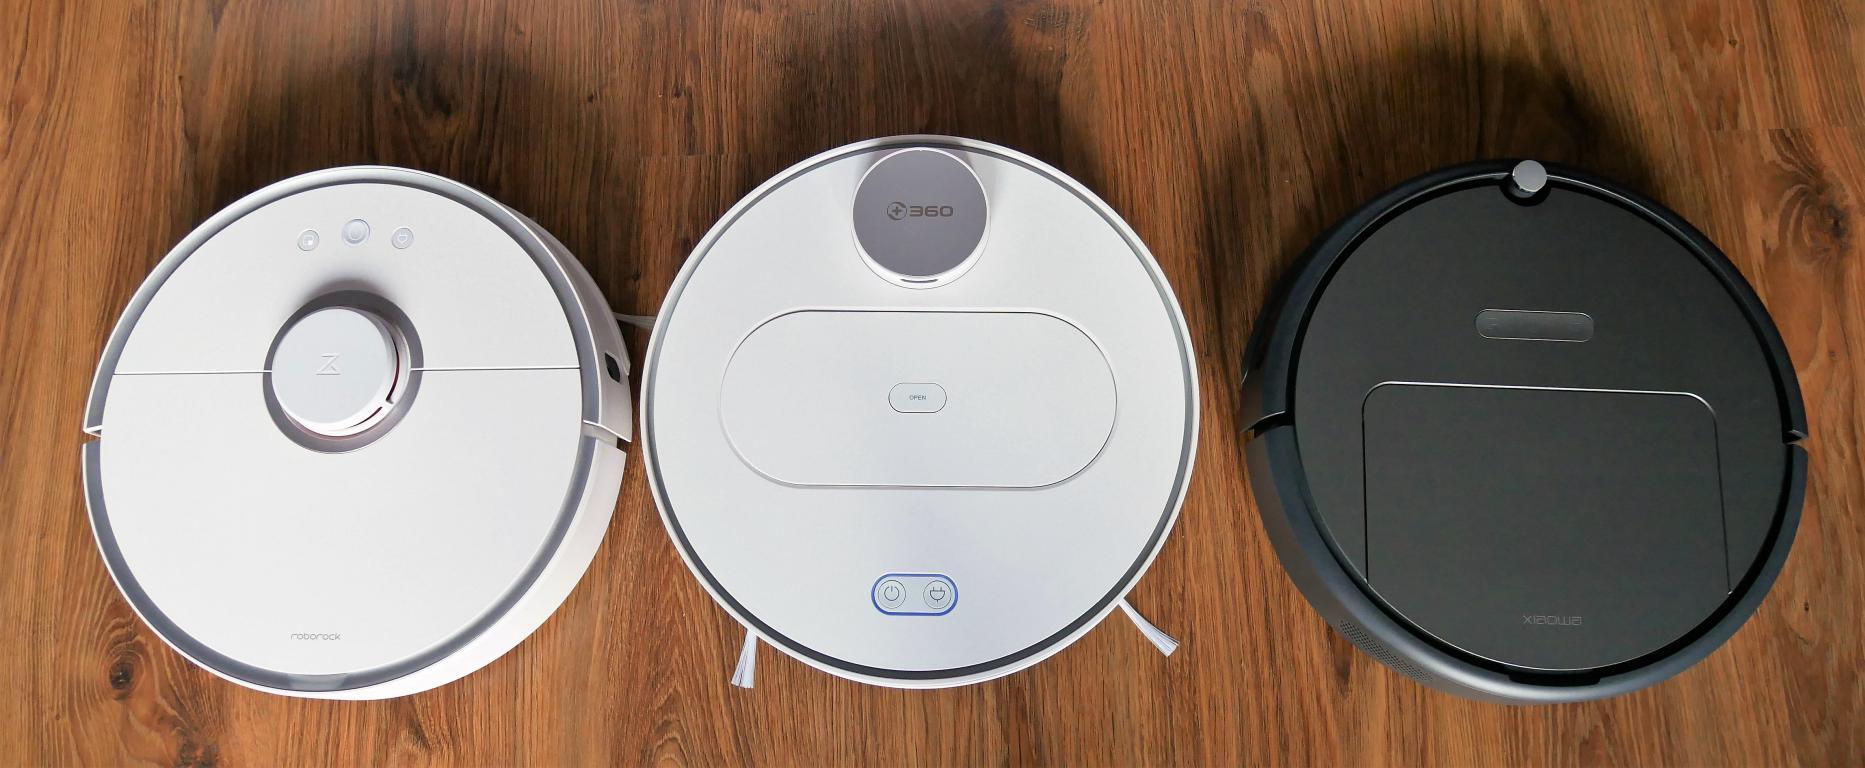 porównianie robotów odkurzających - Roborock S50 vs 360 S6 vs Xiaowa Roborock E352